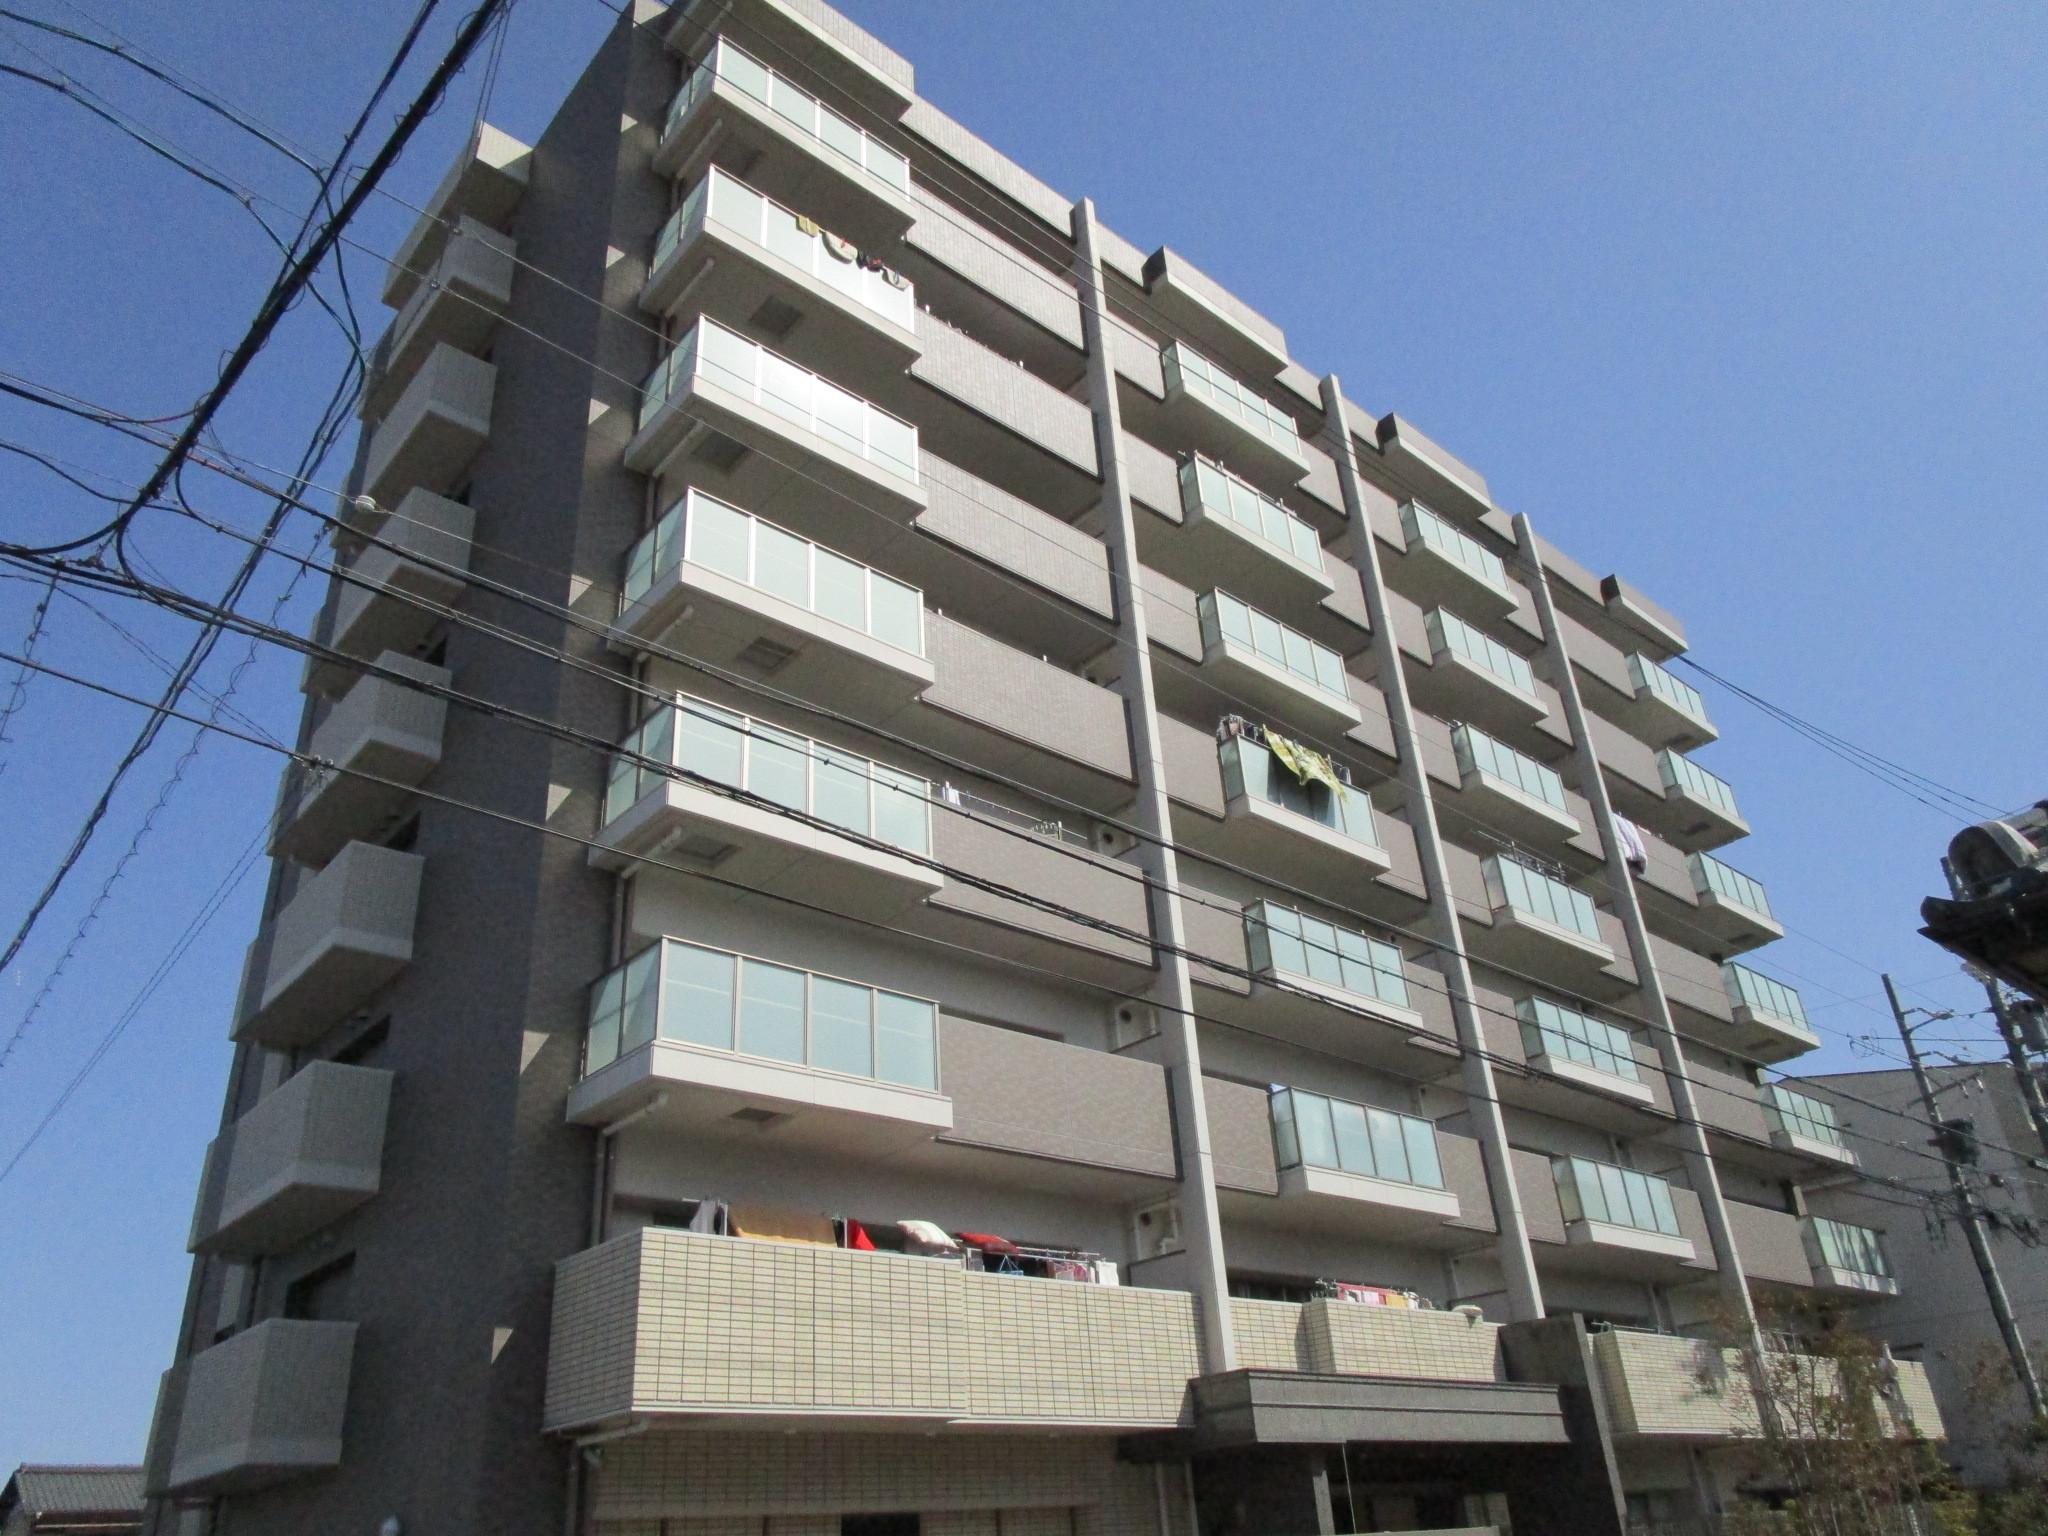 【外観写真】 平成26年8月築のマンションです。共用部分も非常に綺麗です。マンション南側からの撮影です。